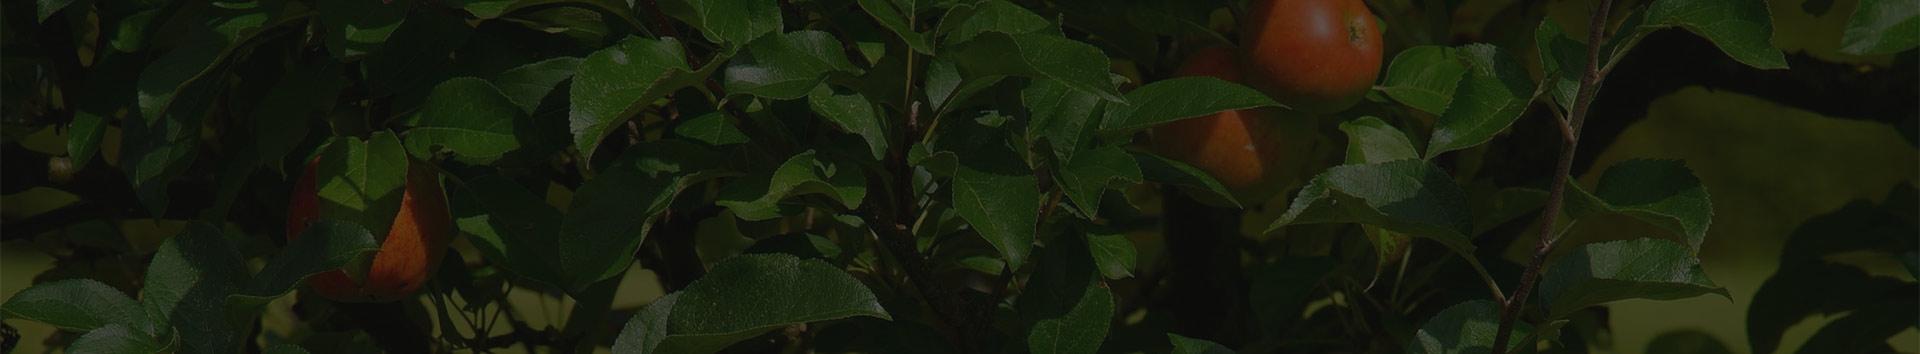 Voćne sadnice - Kruševac